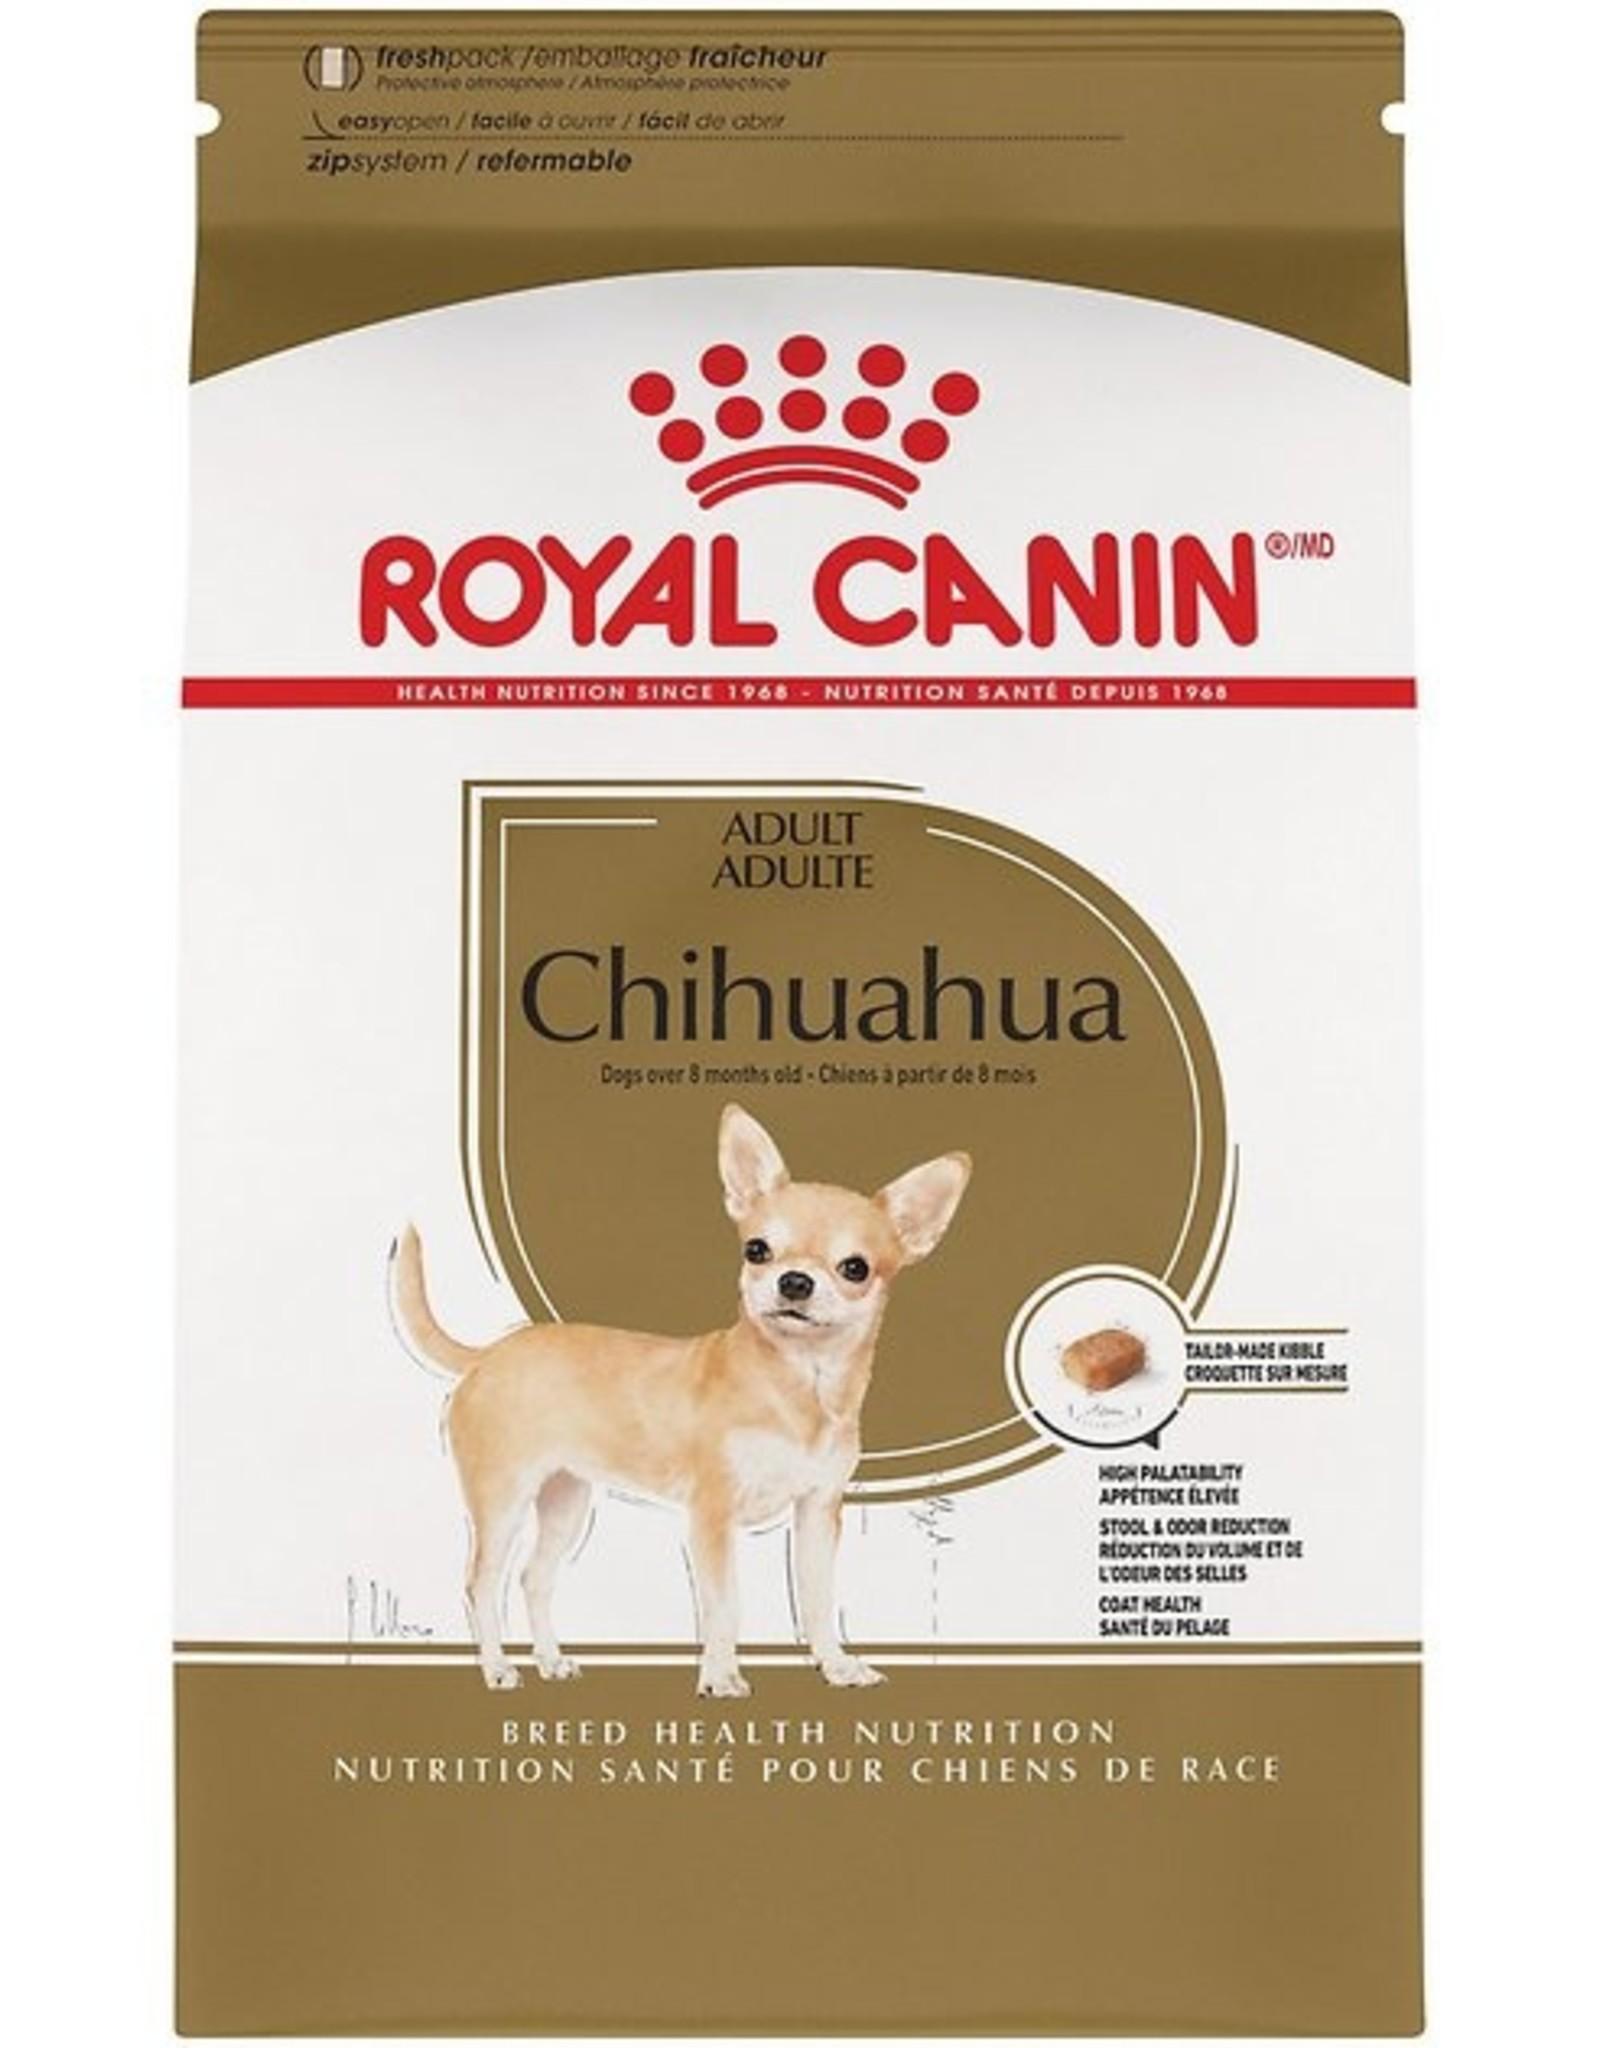 Royal Canin Royal Canin Dog Chihuahua 10lb